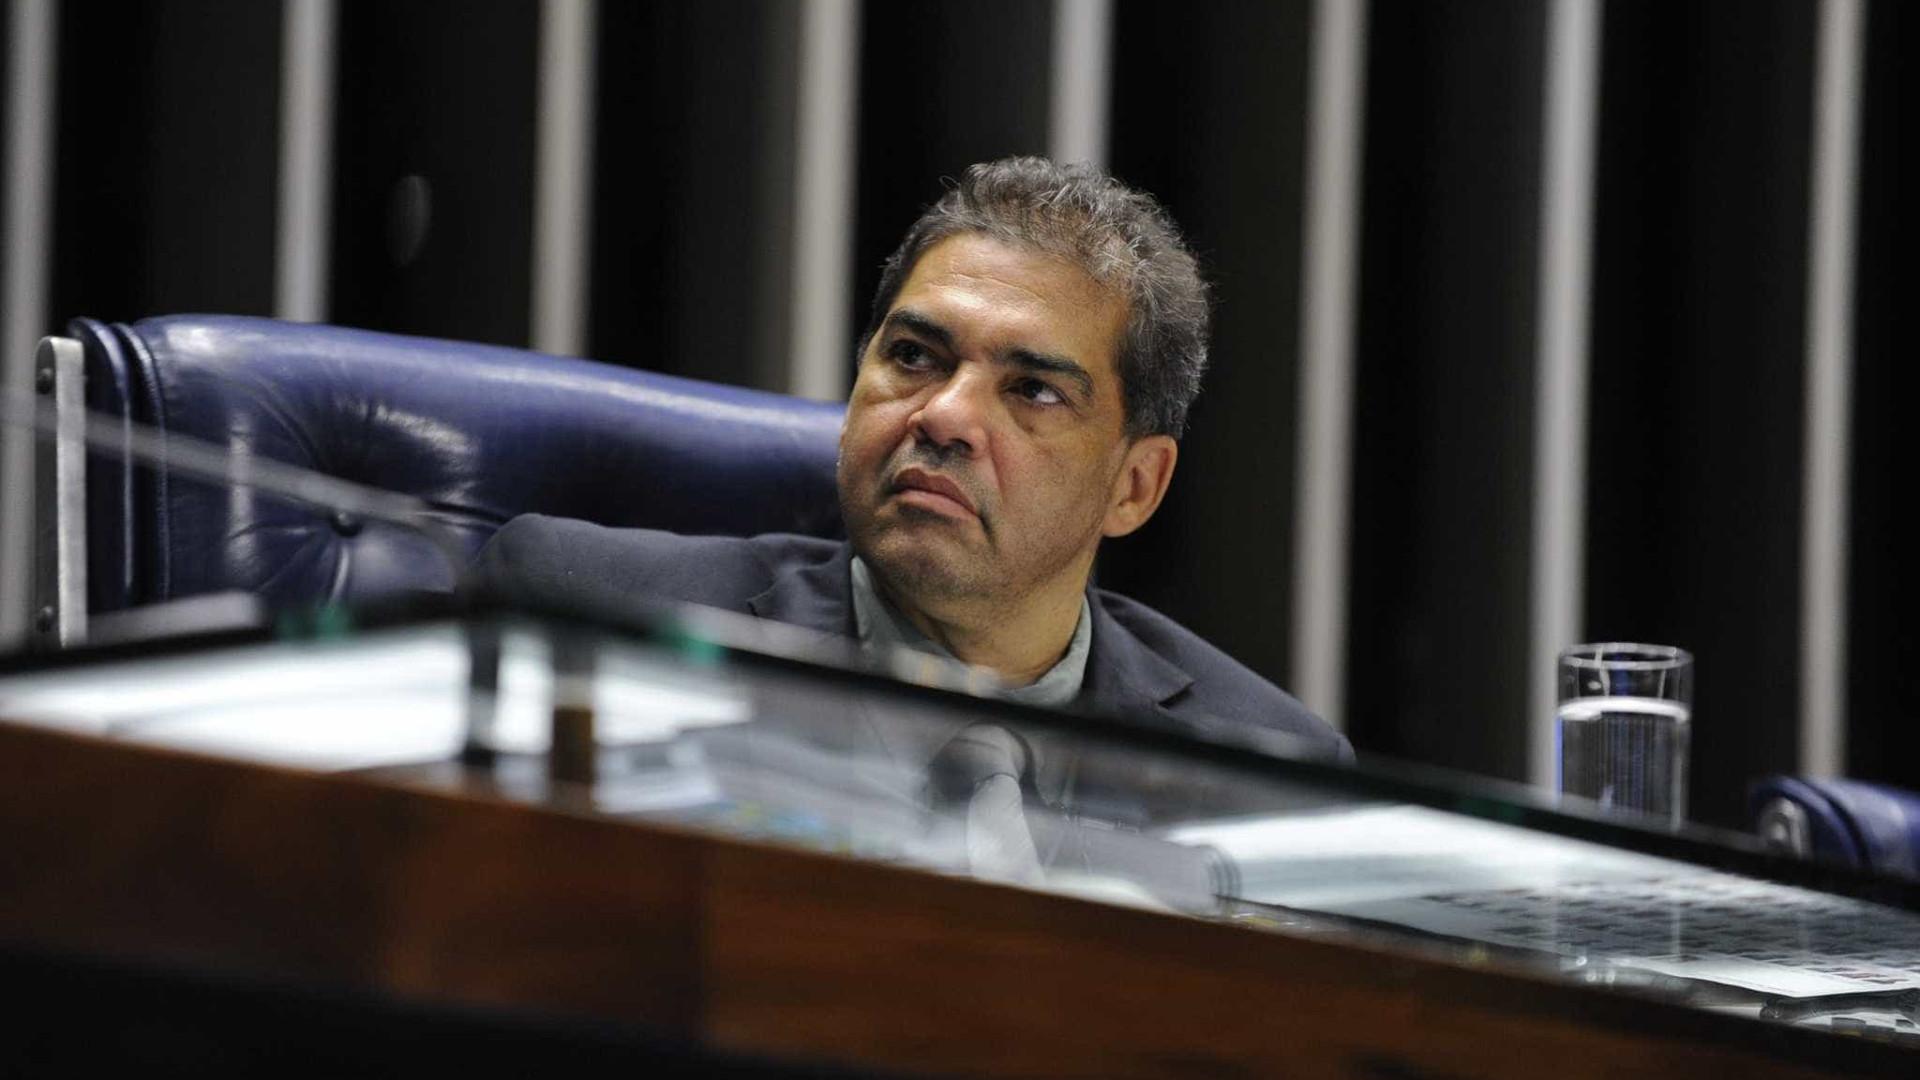 Previdência não tem déficit, diz CPI, que não recomenda reforma